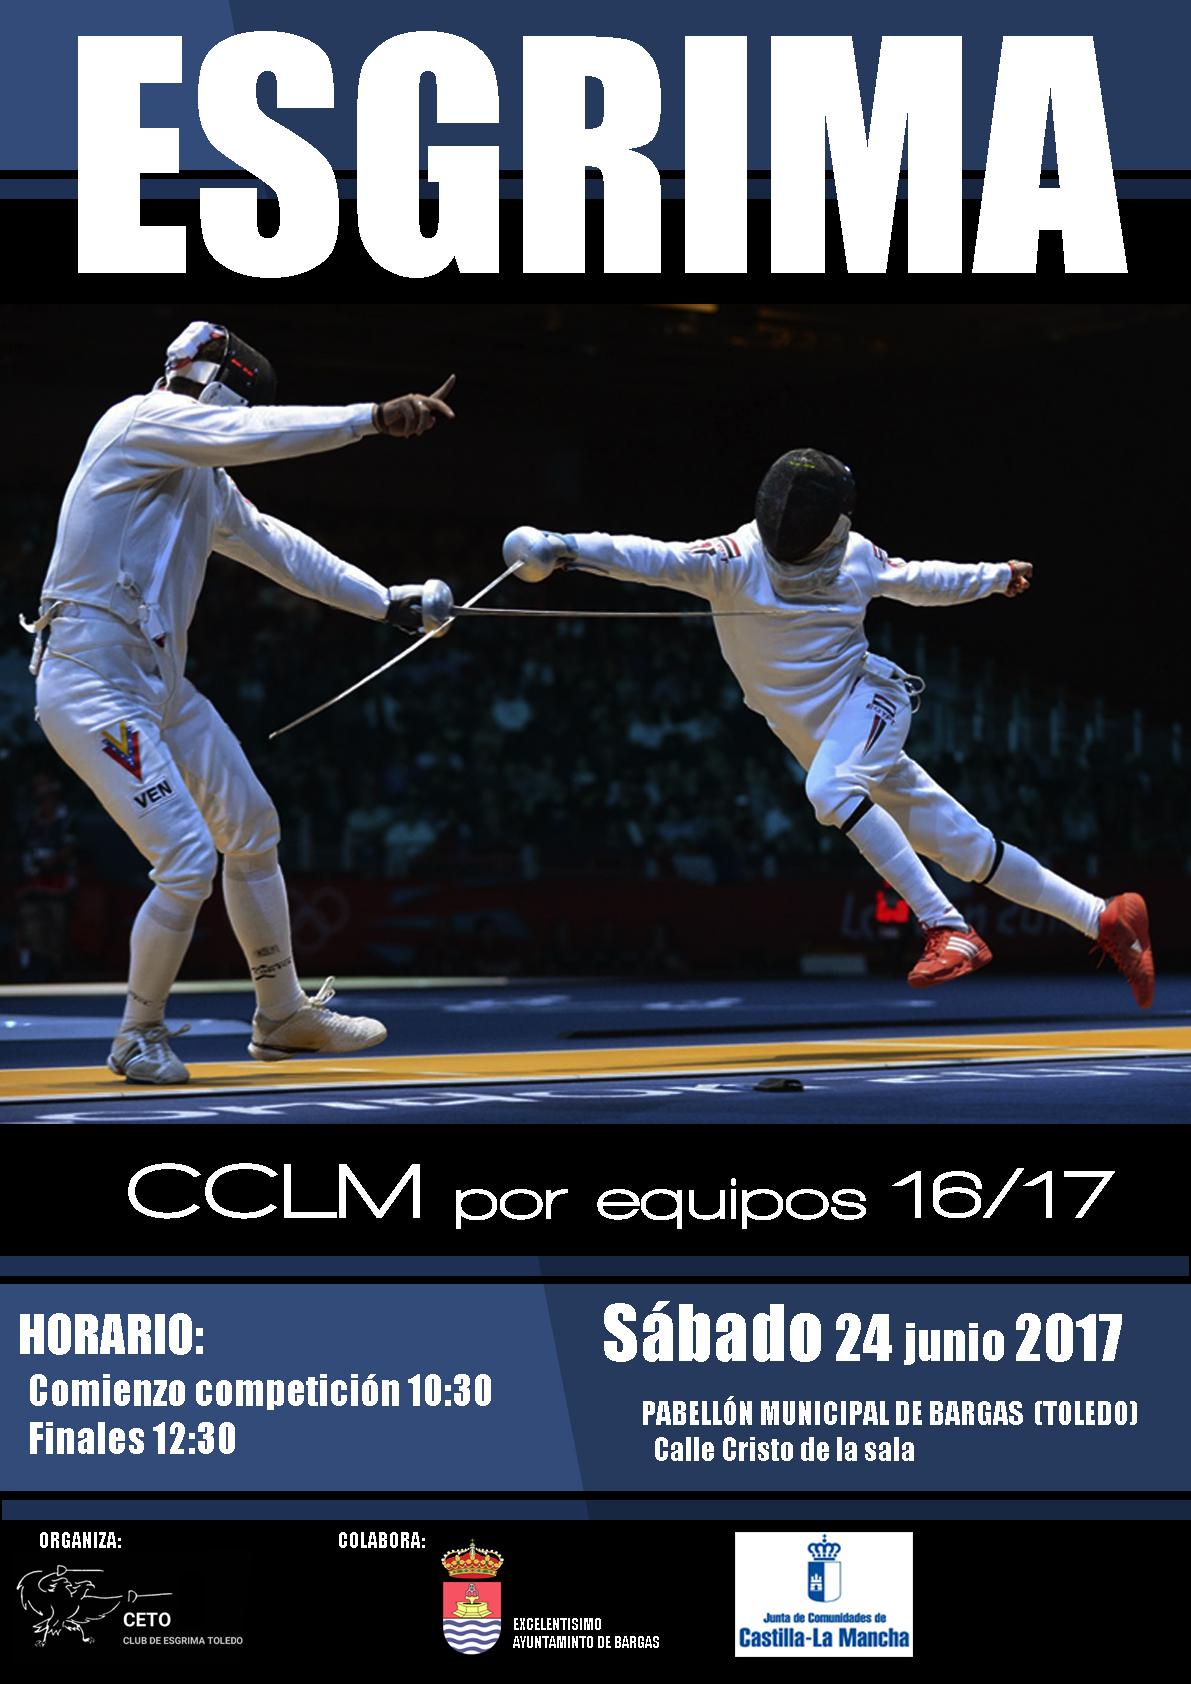 Campeonato Regional de Esgrima por equipos